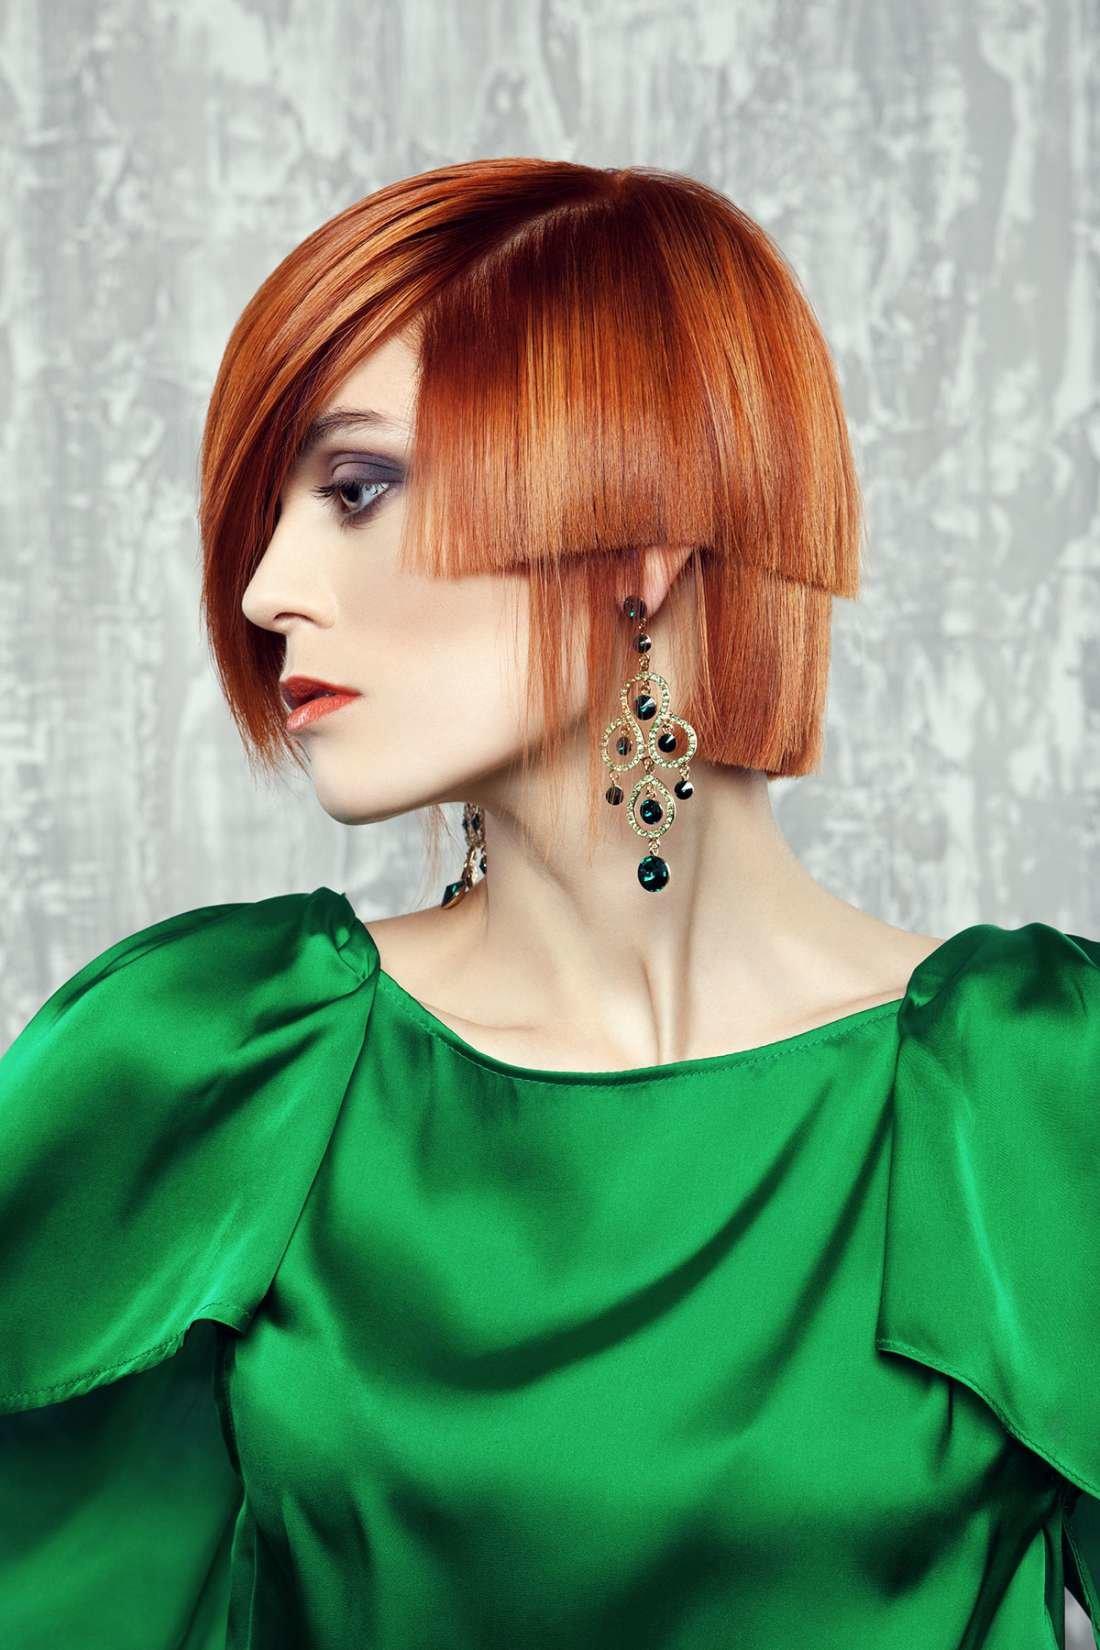 Женские короткие стрижки на рыжие волосы: боб, эльф и пикси.